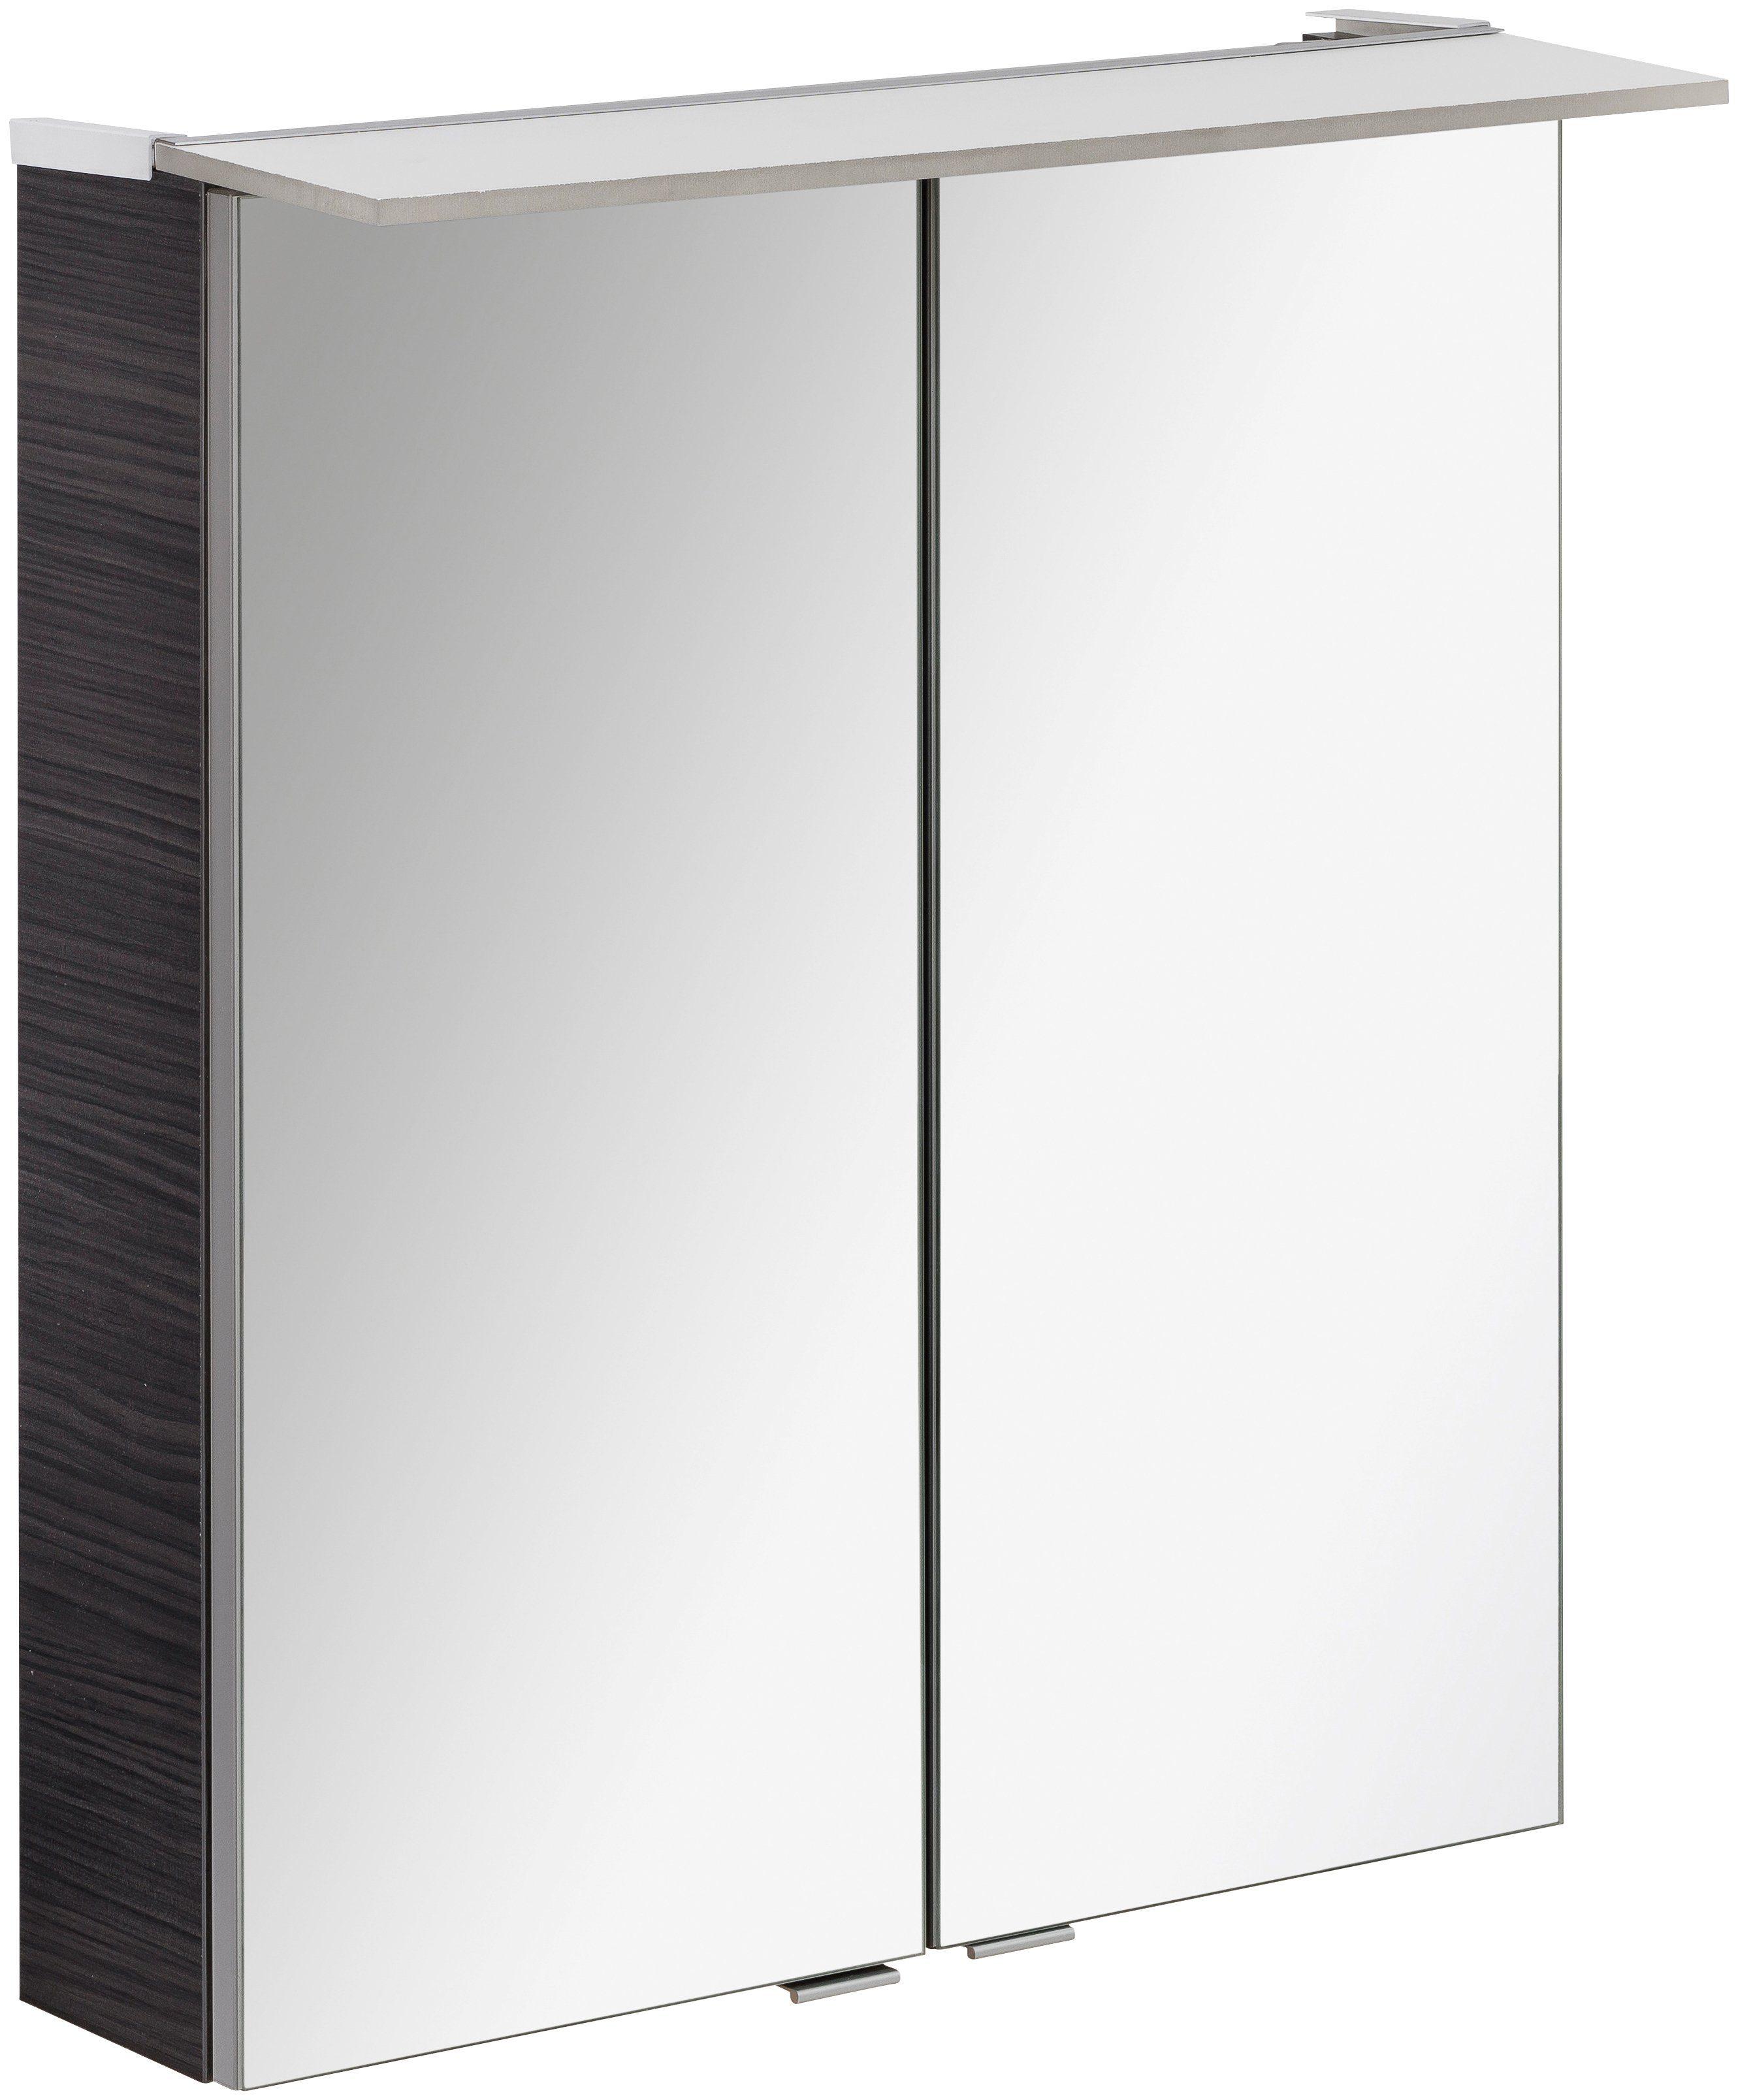 FACKELMANN Spiegelschrank »PE 60 - Dark-Oak«, Breite 60 cm, 2 Türen